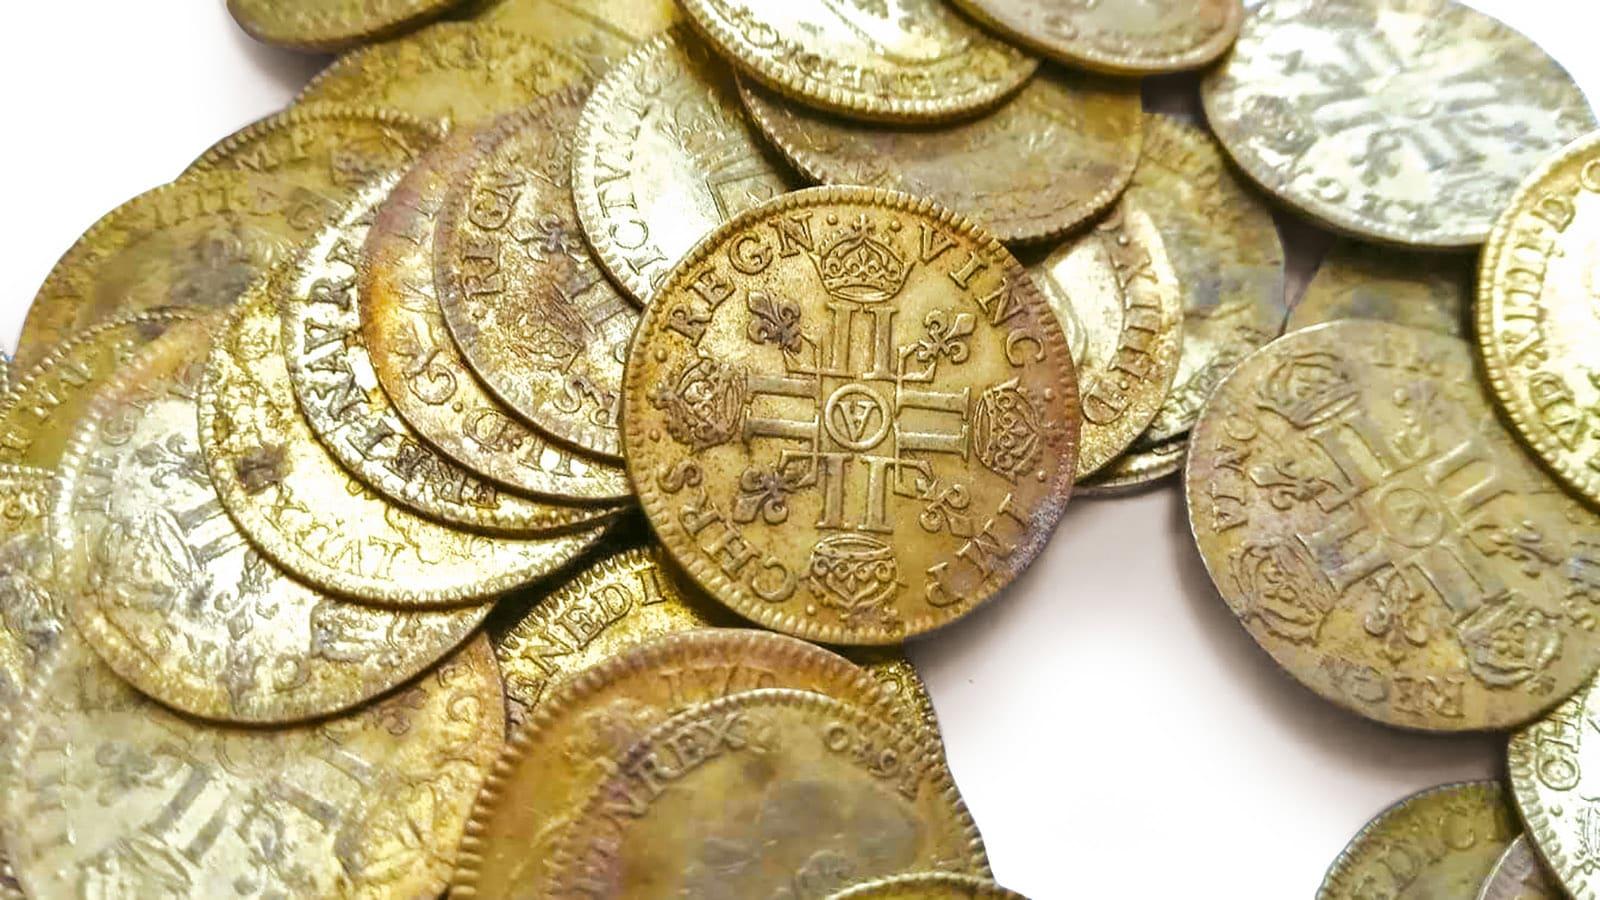 اكتشاف عمال بناء أكثر من مئتي قطعة نقدية ذهبية تفوق قيمتها 350 ألف دولار